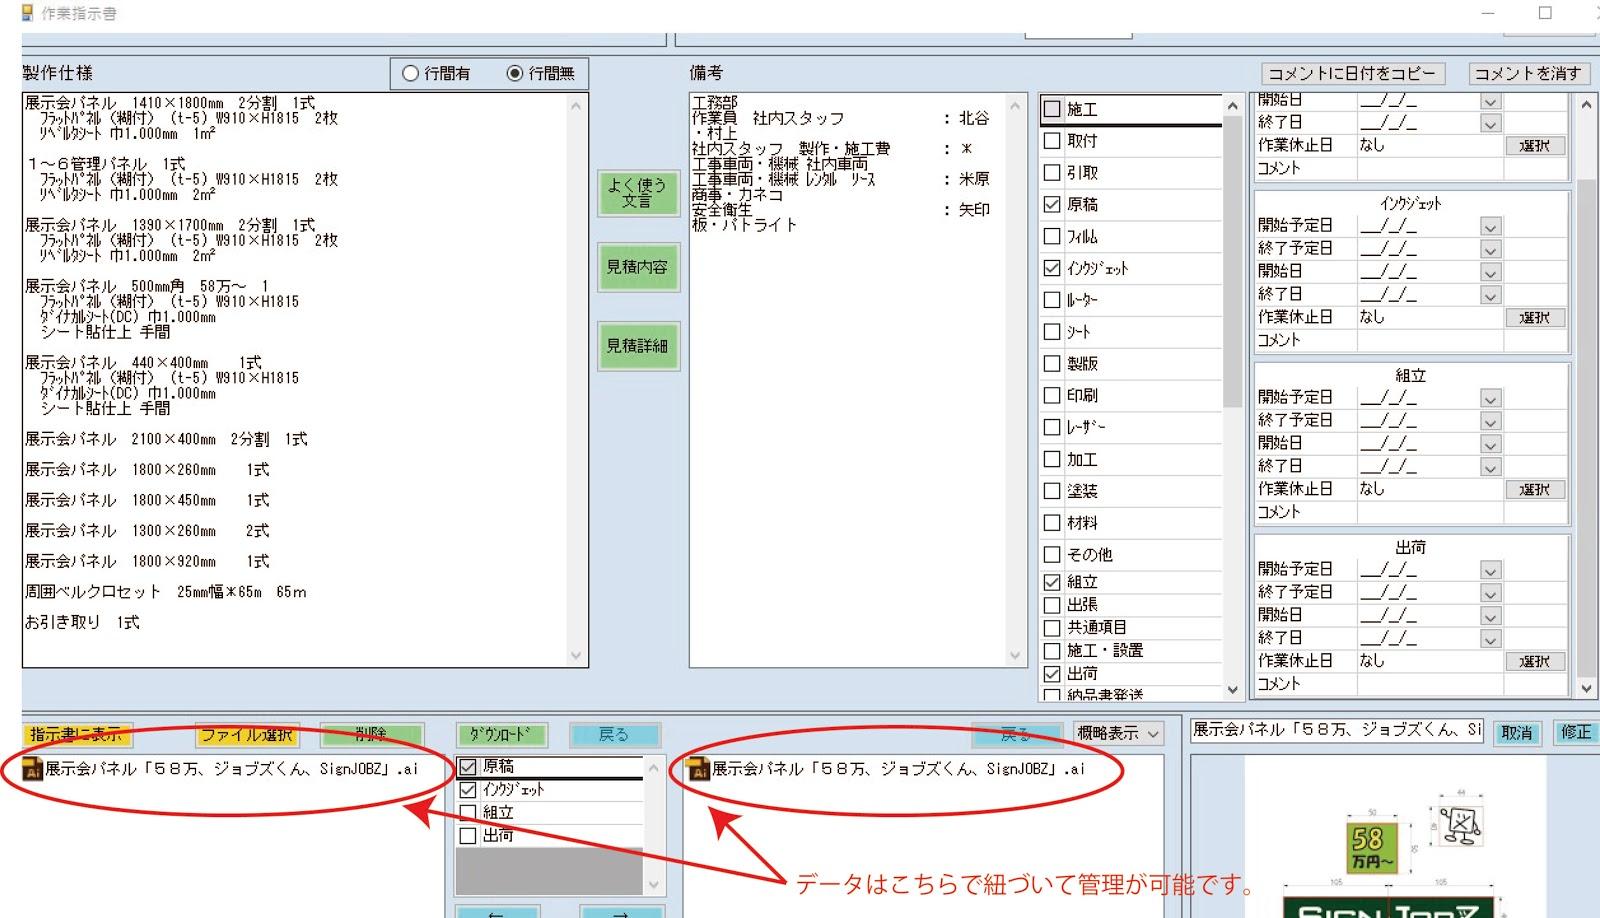 業務支援システム「SignJOBZ(サインジョブズ)」の作業指示書画面